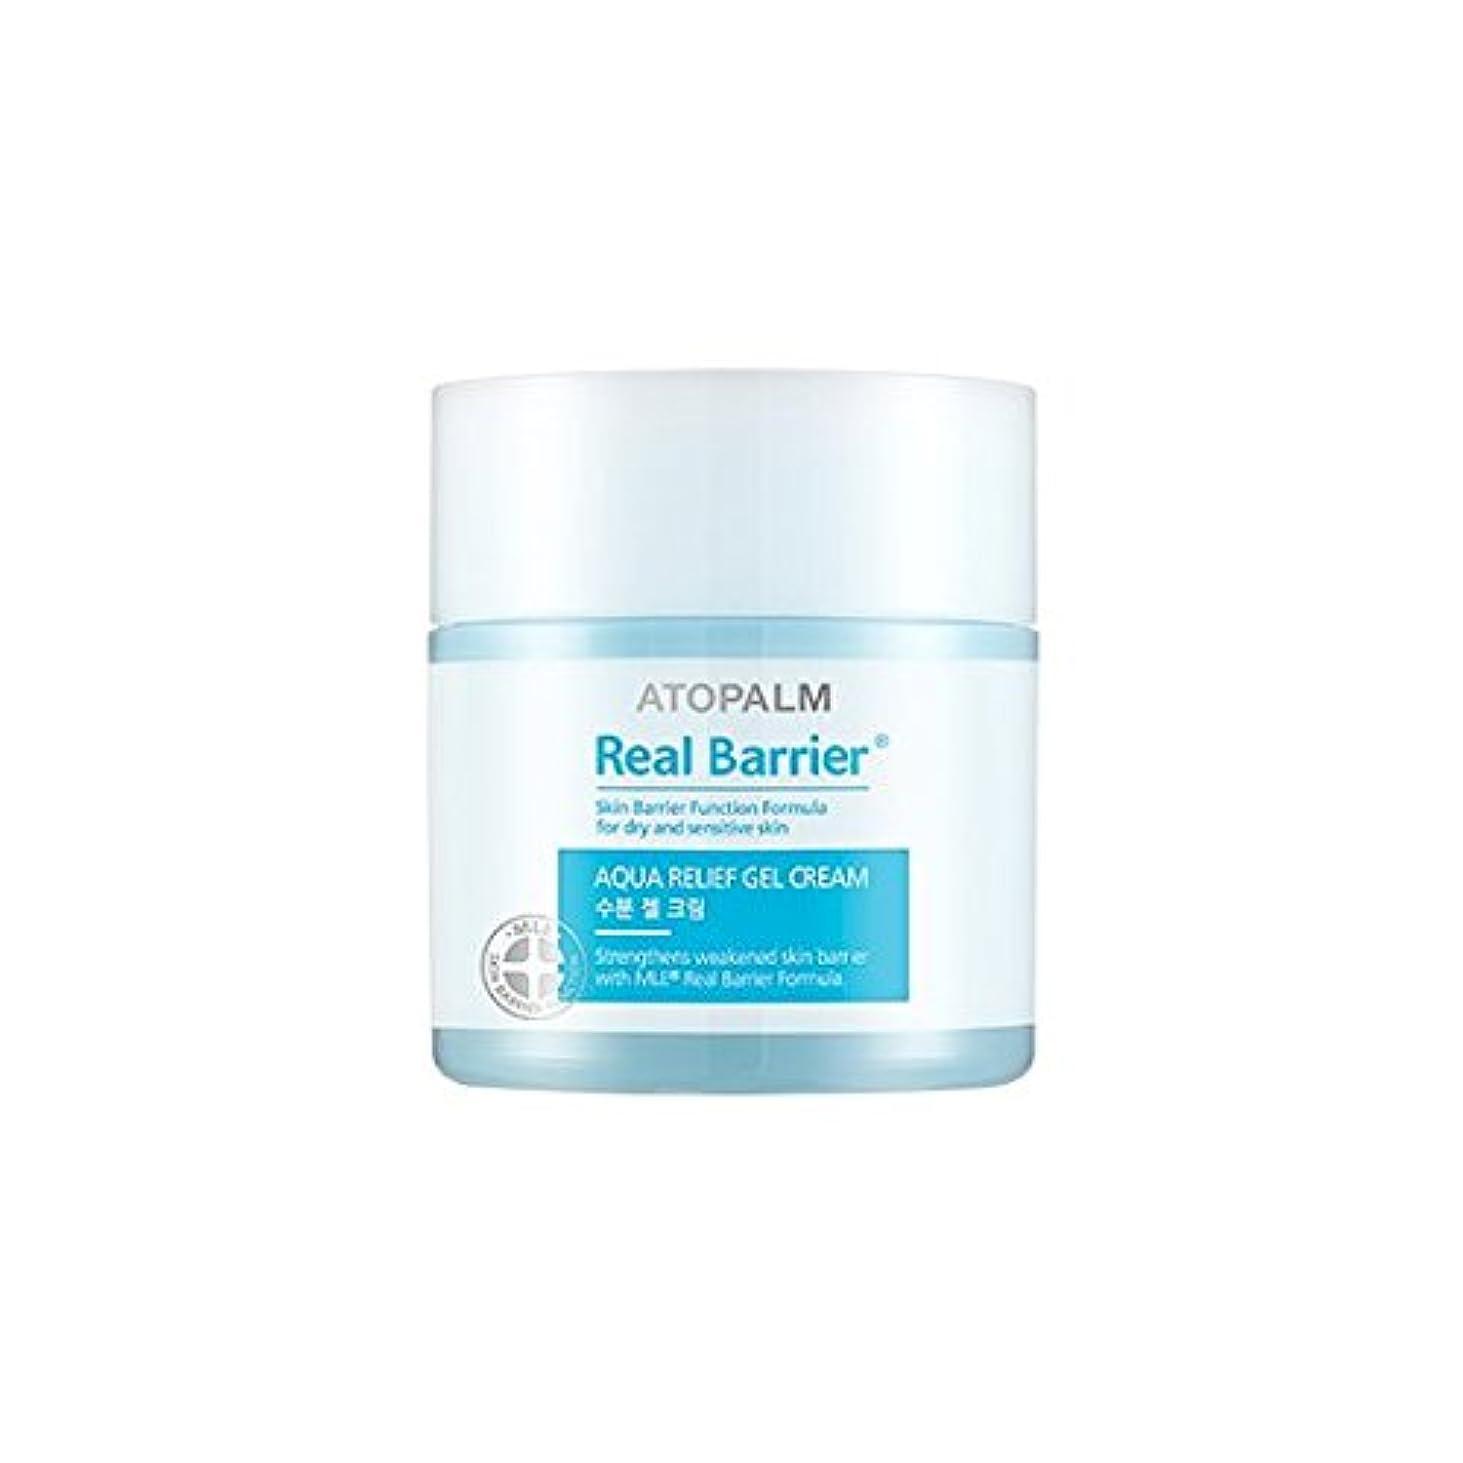 そばにキャンプ前者ATOPALM Real Barrier Aqua Relief Gel Cream 50ml/アトパーム リアル バリア アクア リリーフ ジェル クリーム 50ml [並行輸入品]